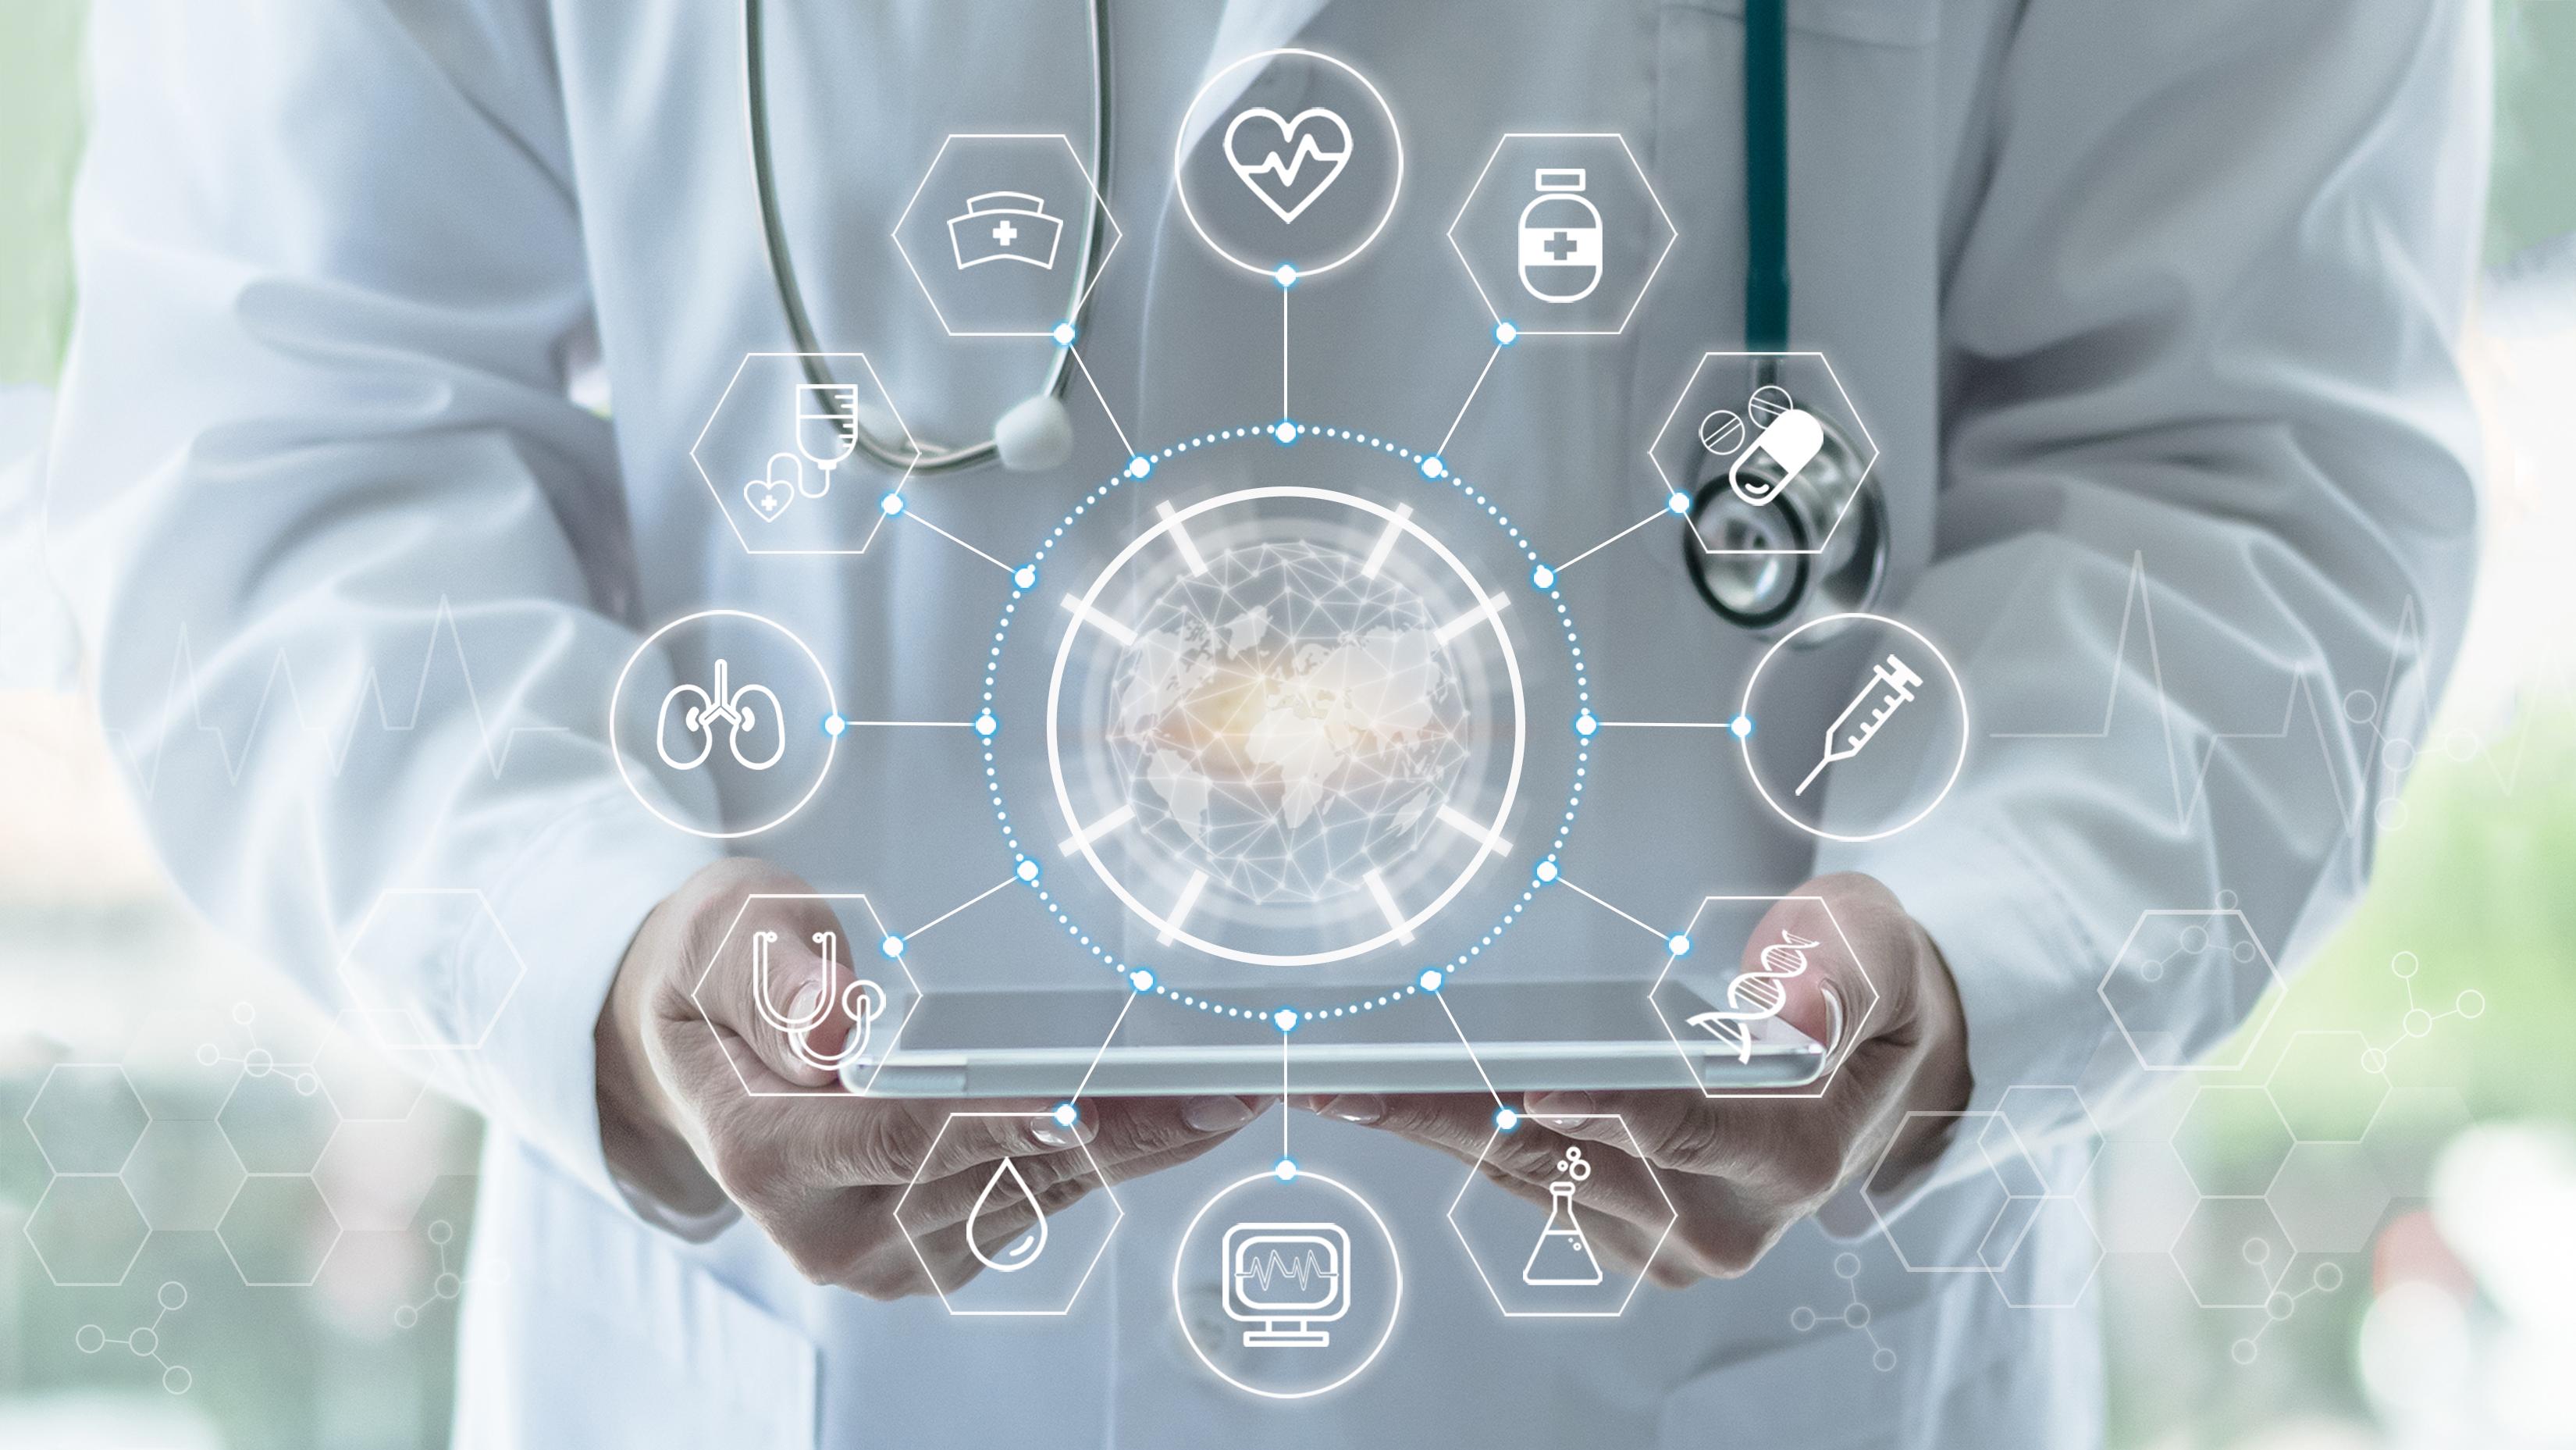 A Telemedicina Morsch oferece prontuário eletrônico do paciente grátis por 1 ano